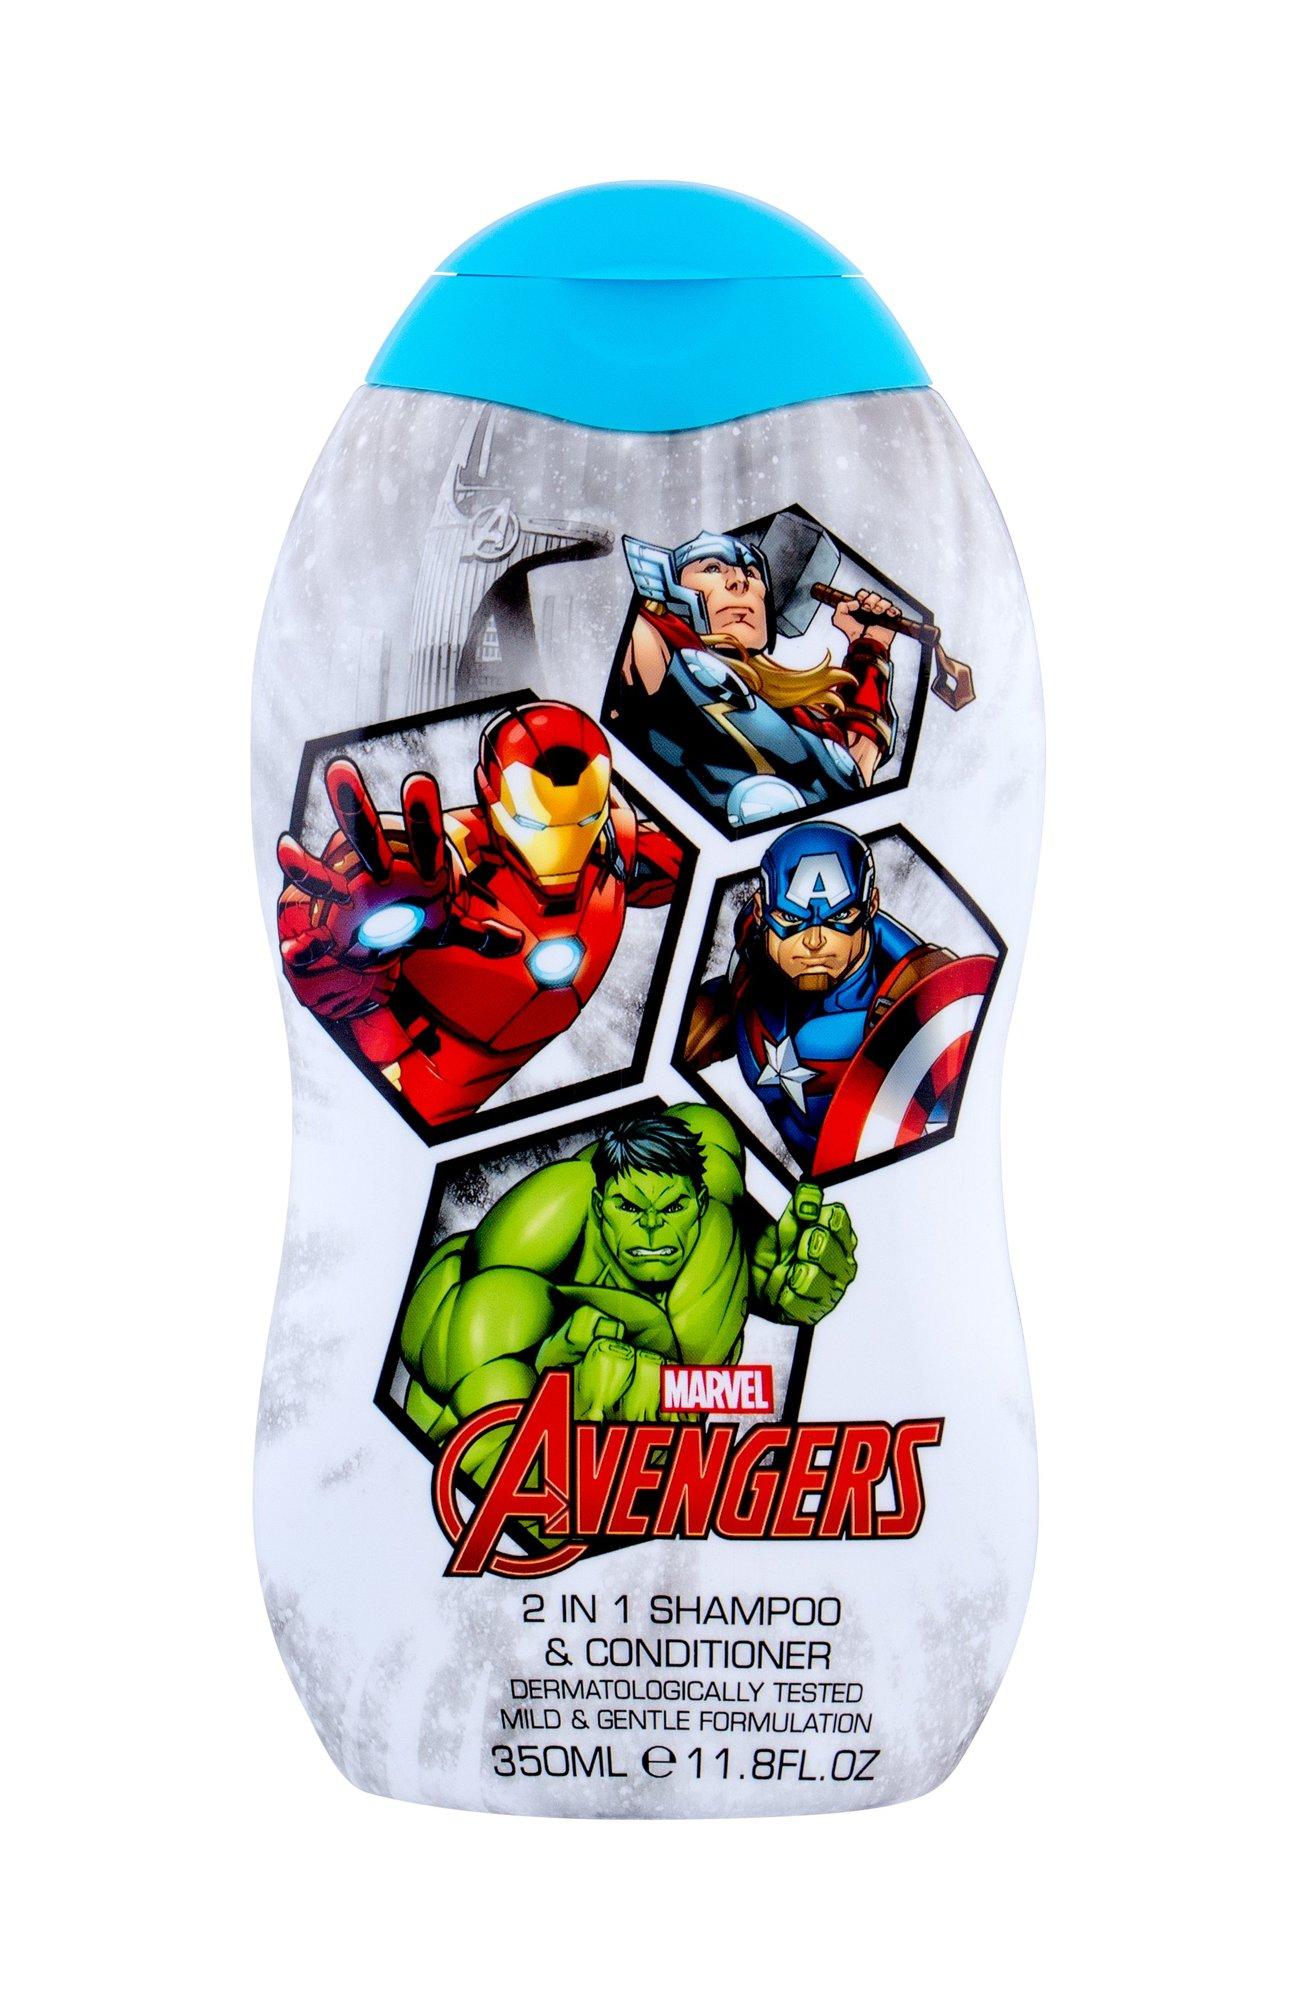 Marvel Avengers Shower Gel 350ml